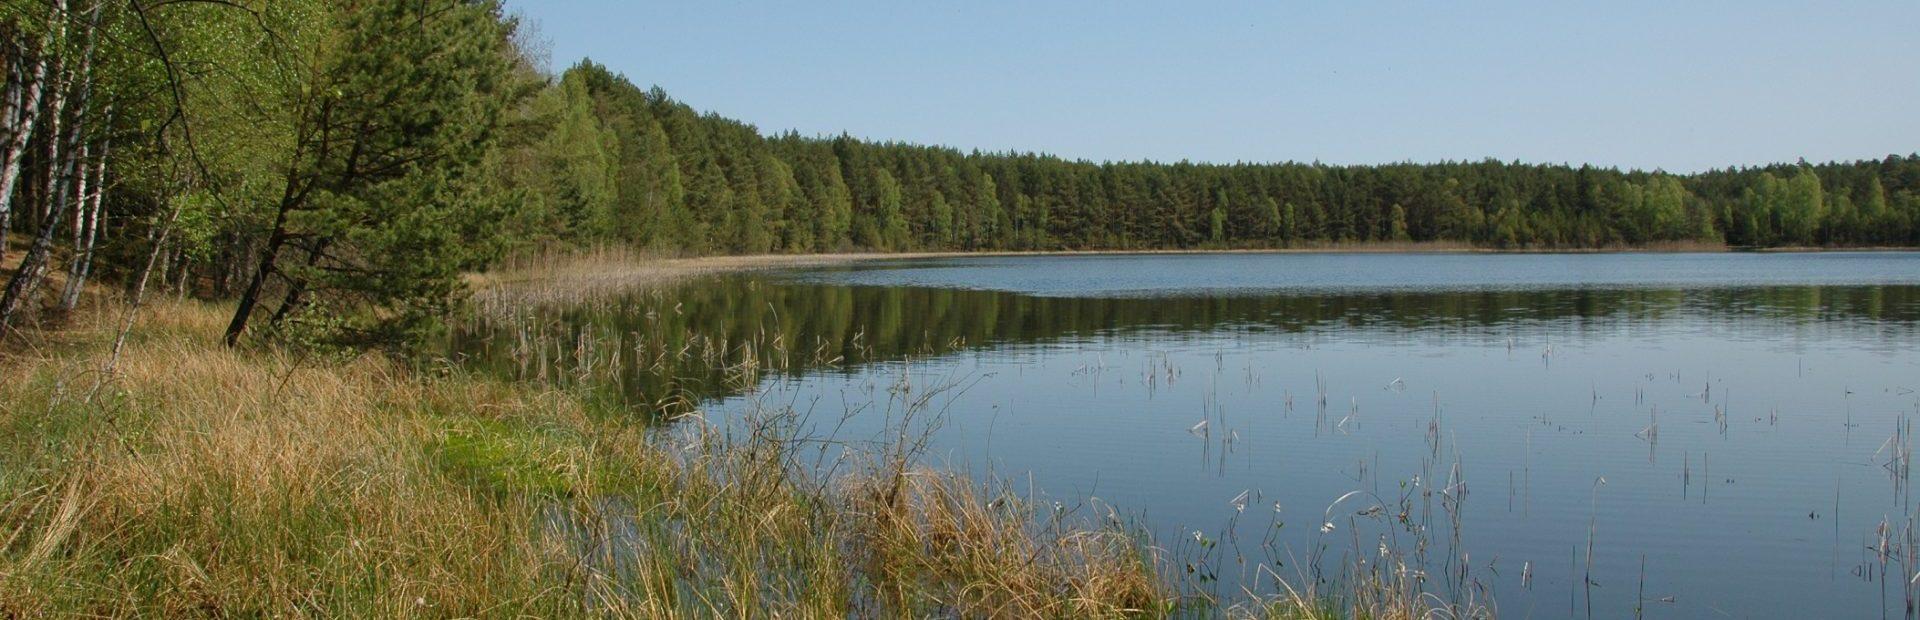 Jezioro Małe Łowne